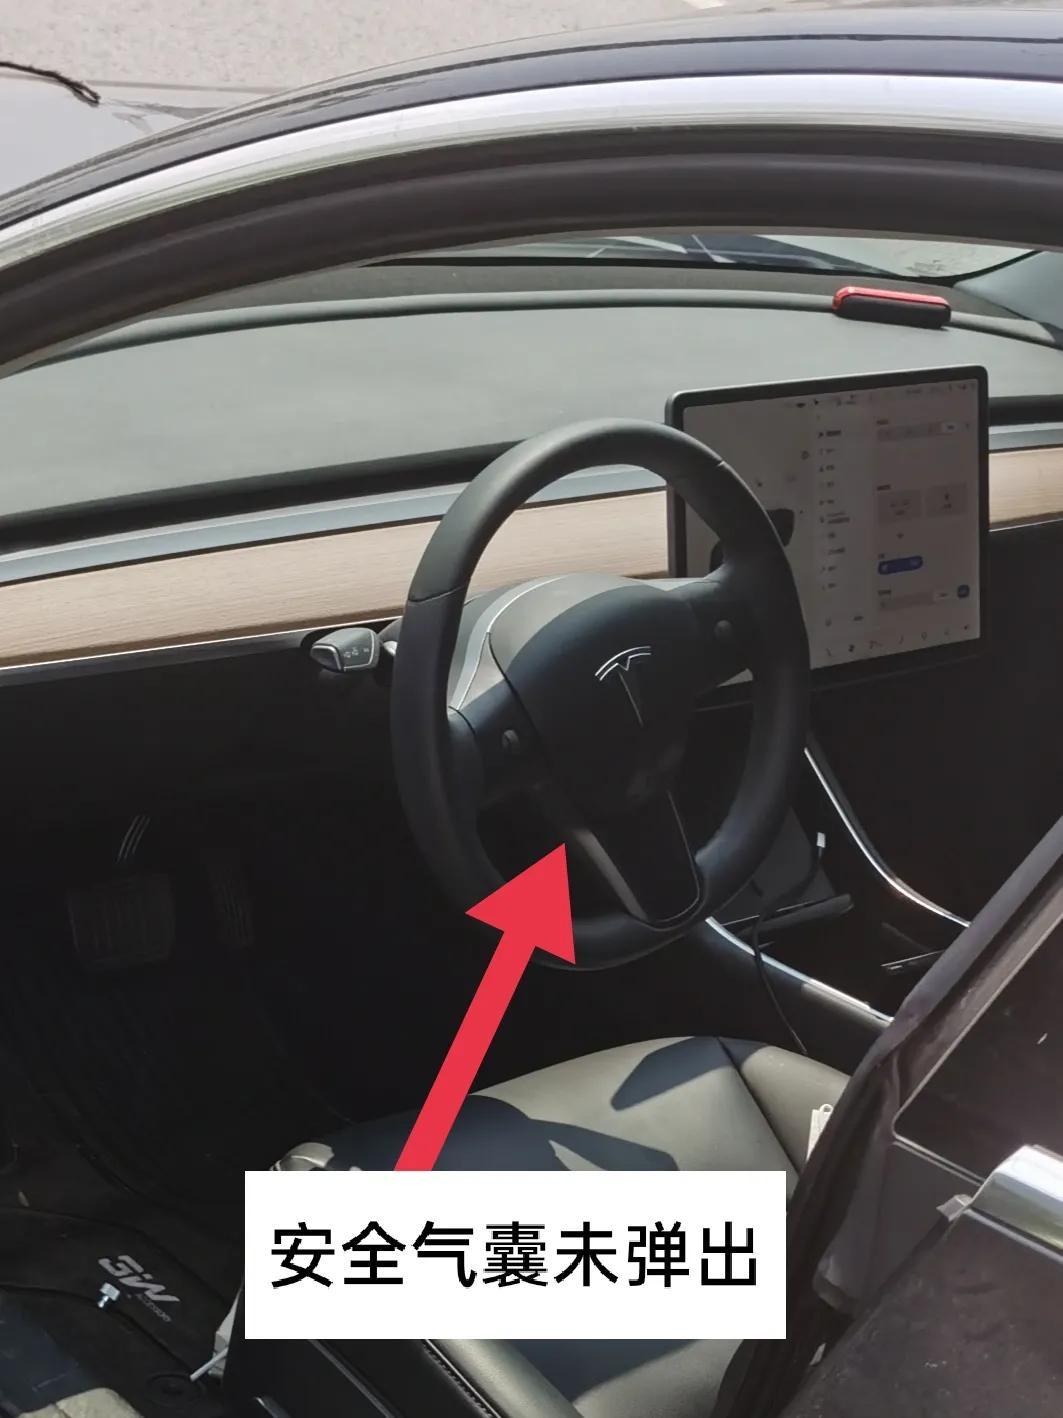 Model 3自动驾驶连撞两树,车头近报废气囊未弹出-第3张图片-汽车笔记网